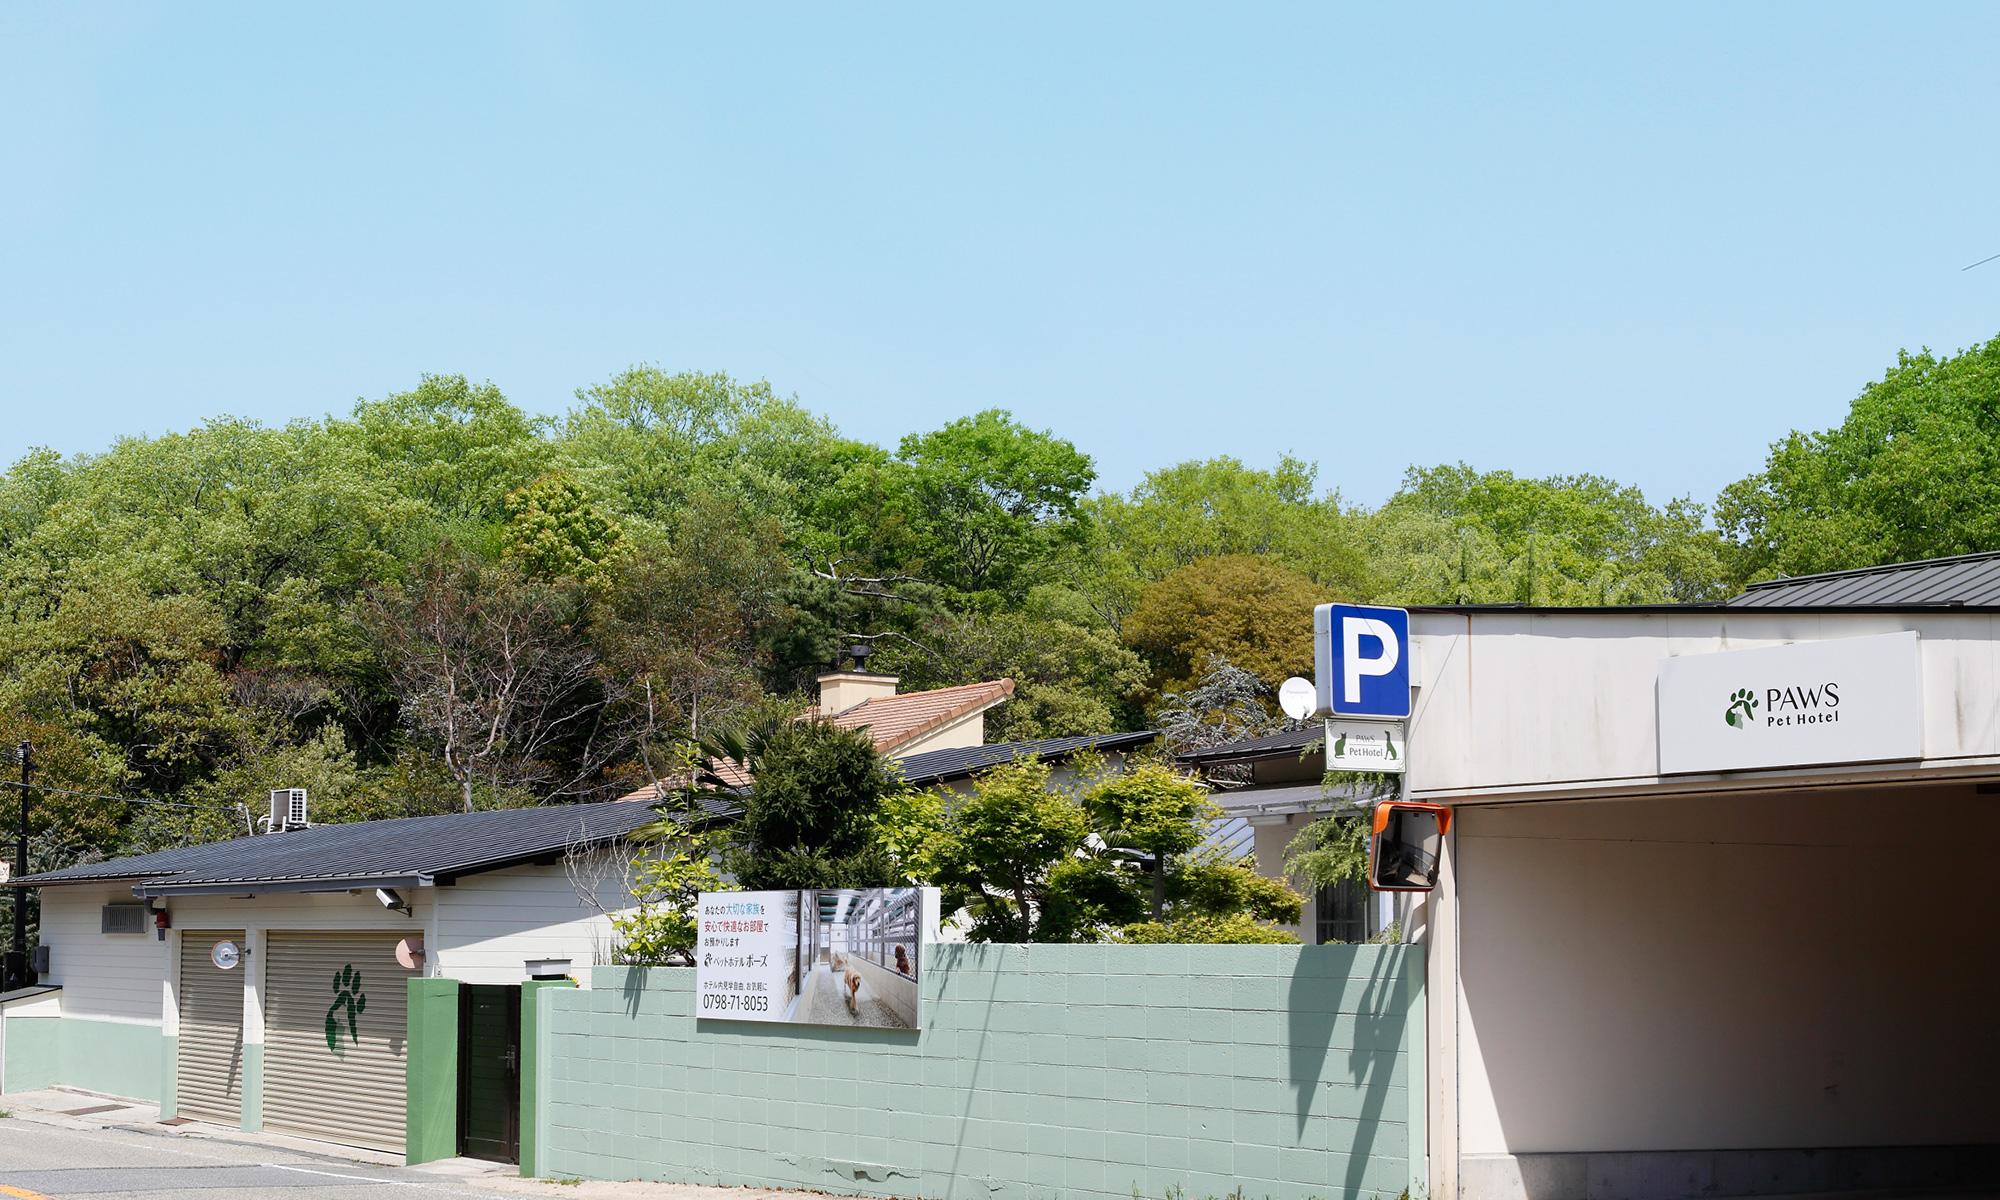 兵庫県西宮市のペットホテル ポーズ [PAWS]